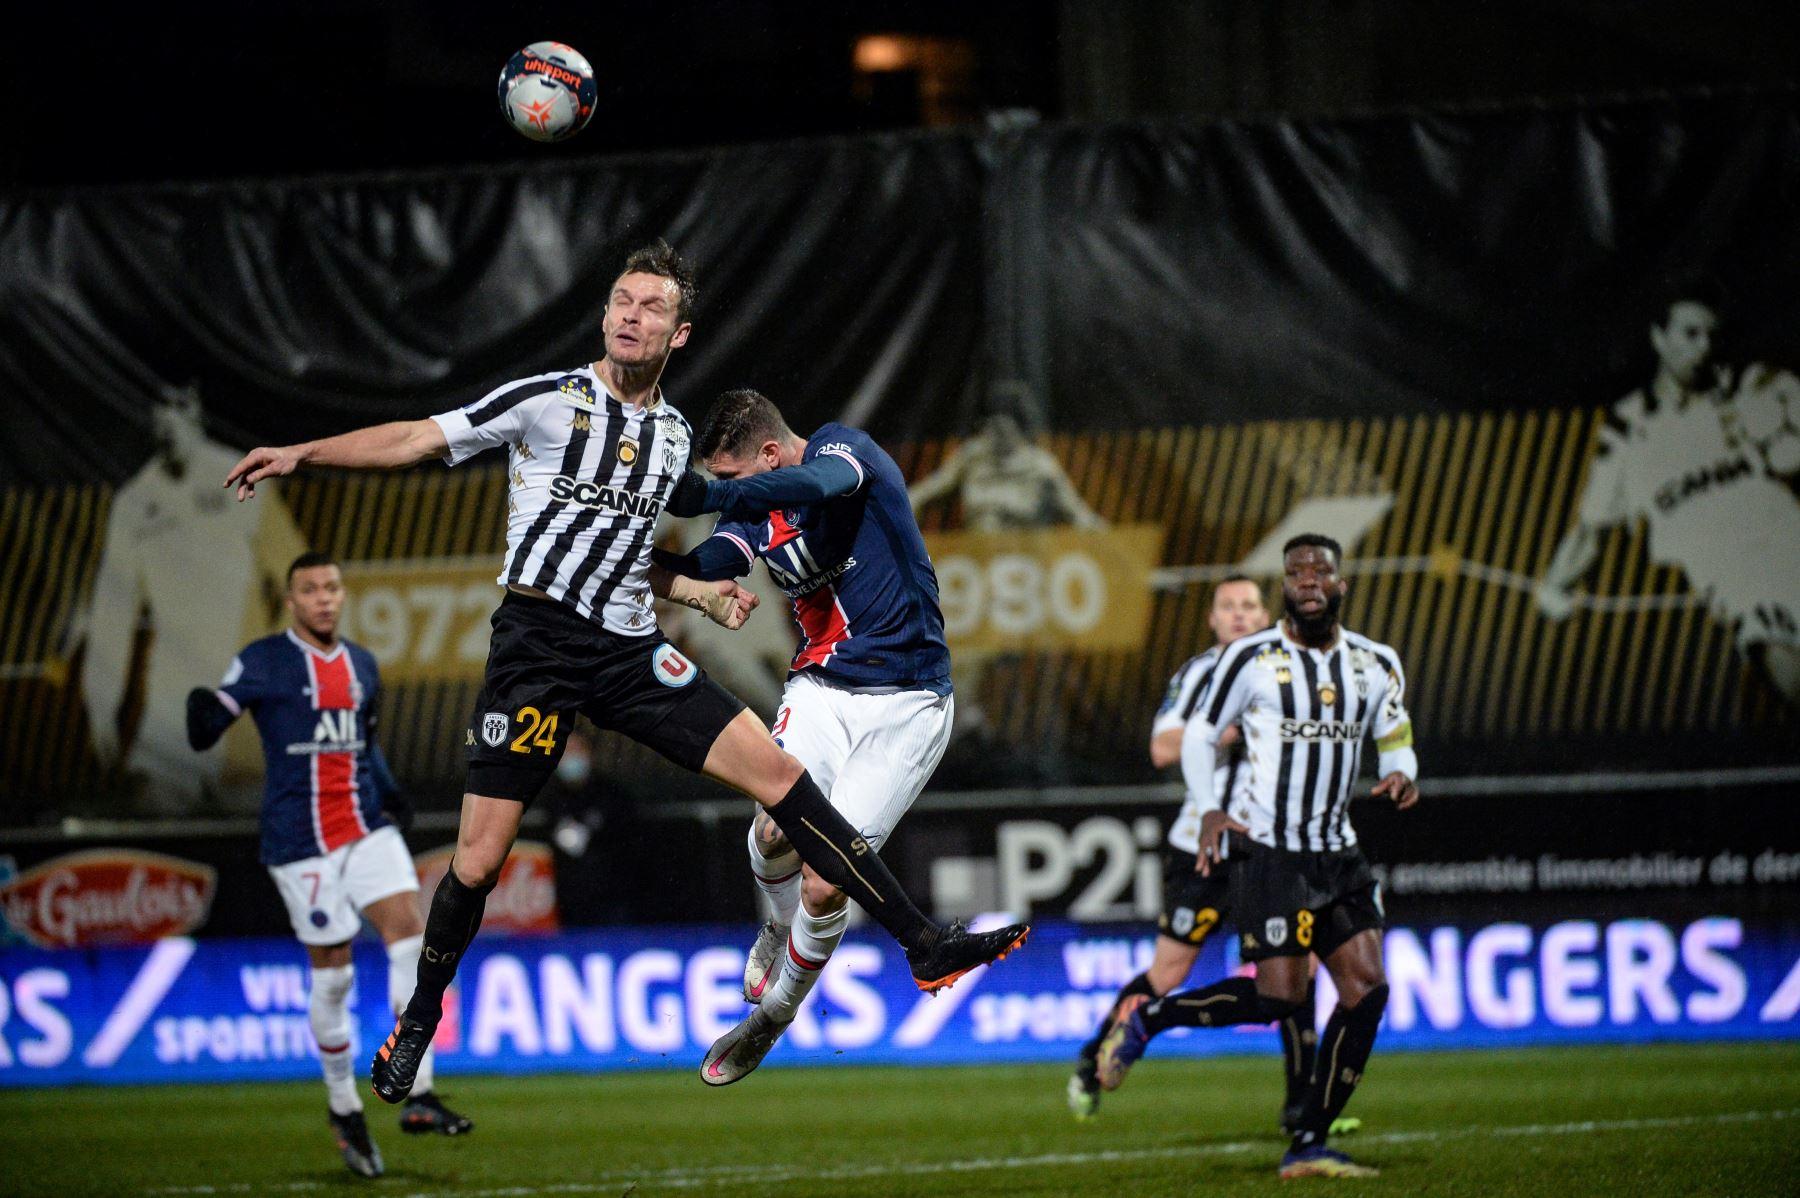 Defensor francés del Angers, Romain Thomas, salta por el balón con el centrocampista español del PSG, Pablo Sarabia, durante el partido de fútbol francés L1 entre Angers y PSG en el Estadio Raymond Kopa en Angers, oeste de Francia. Foto: AFP